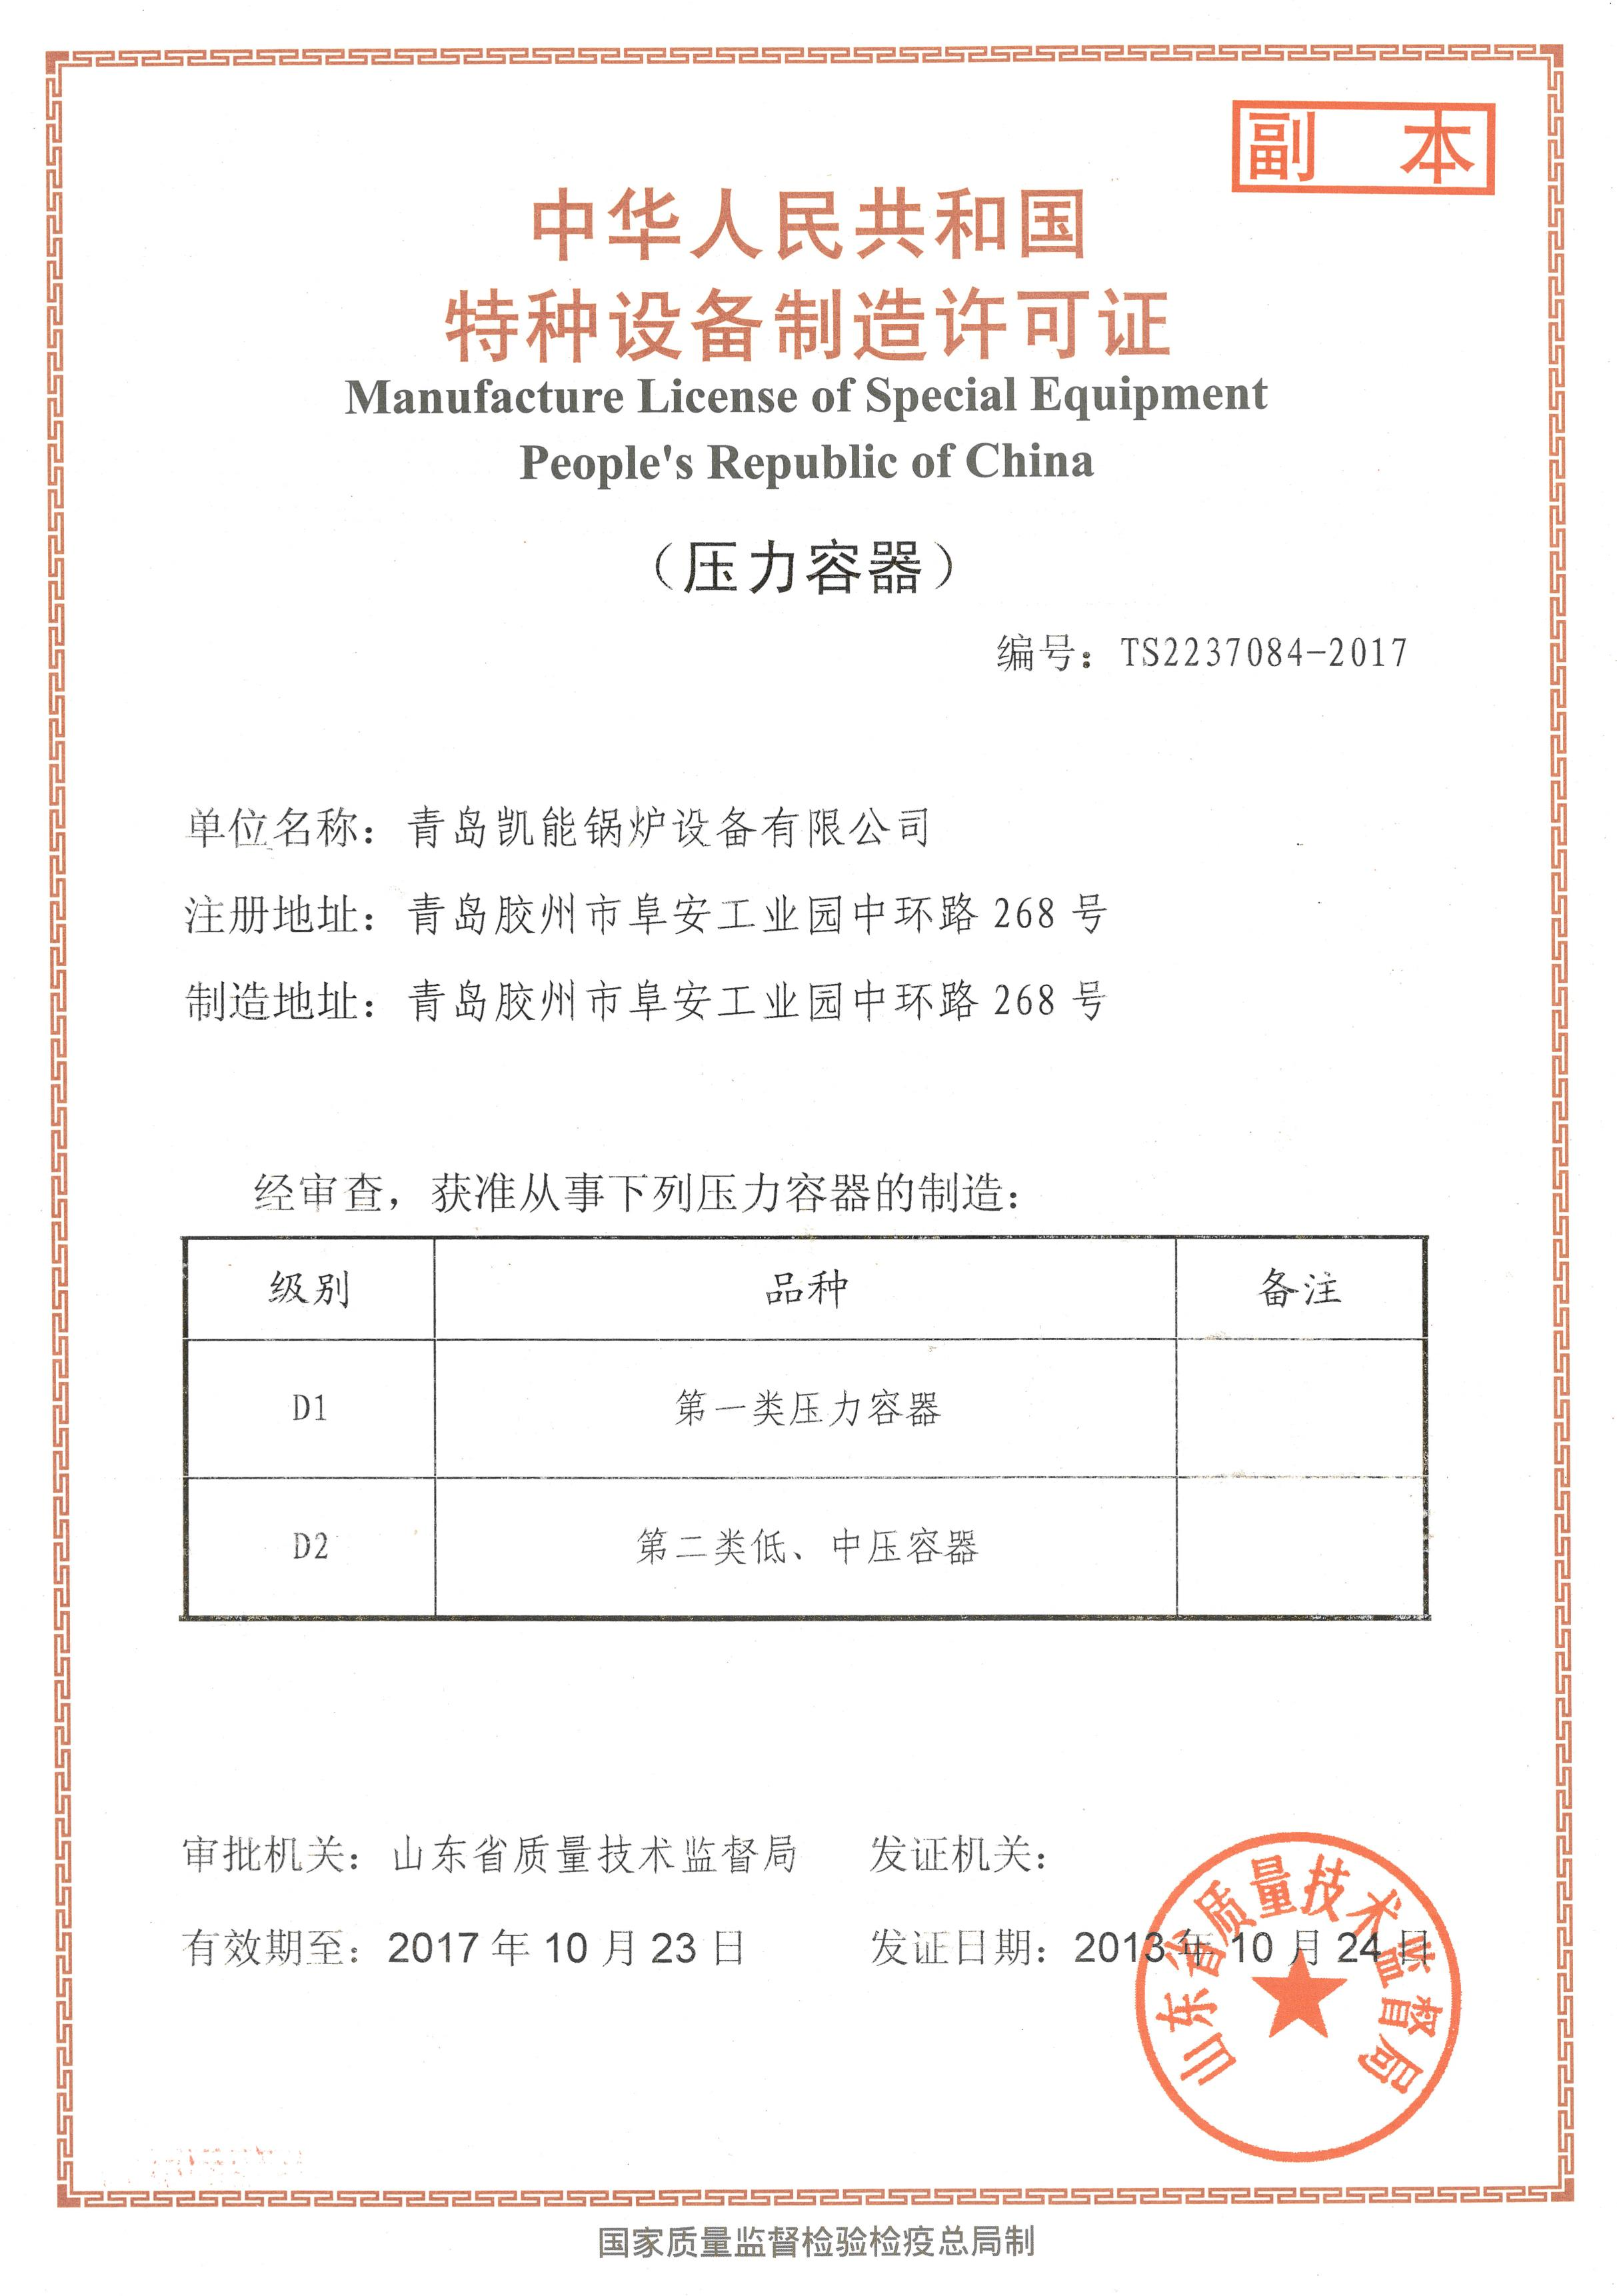 中华人民共和国特种设备制造许可证(压力容器)